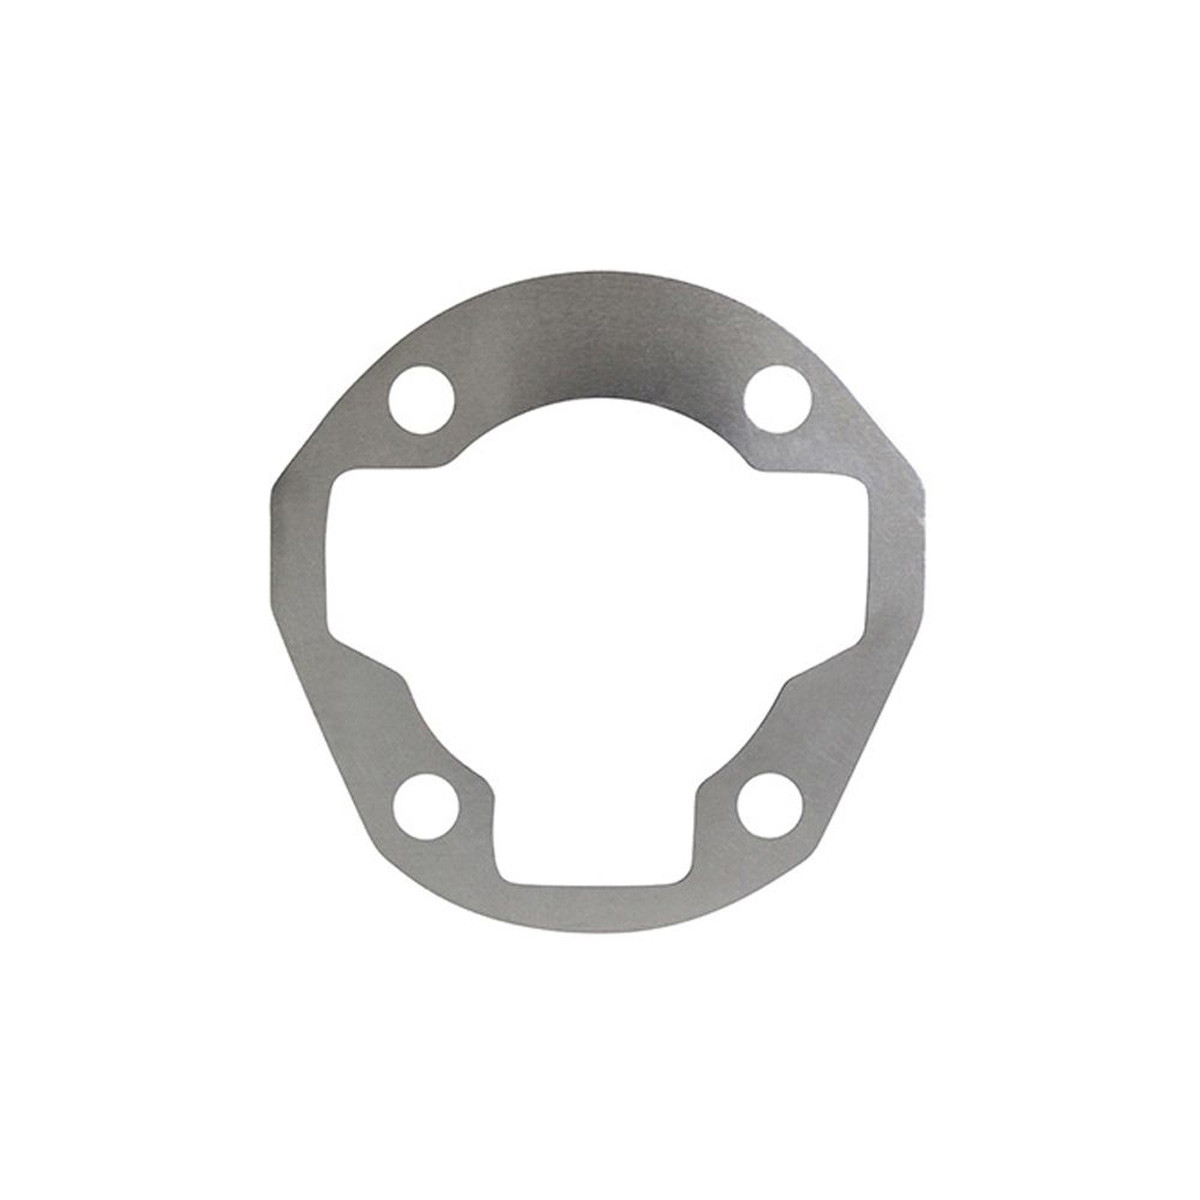 Cale d'embase de Cylindre MBK 51 - 0.4mm